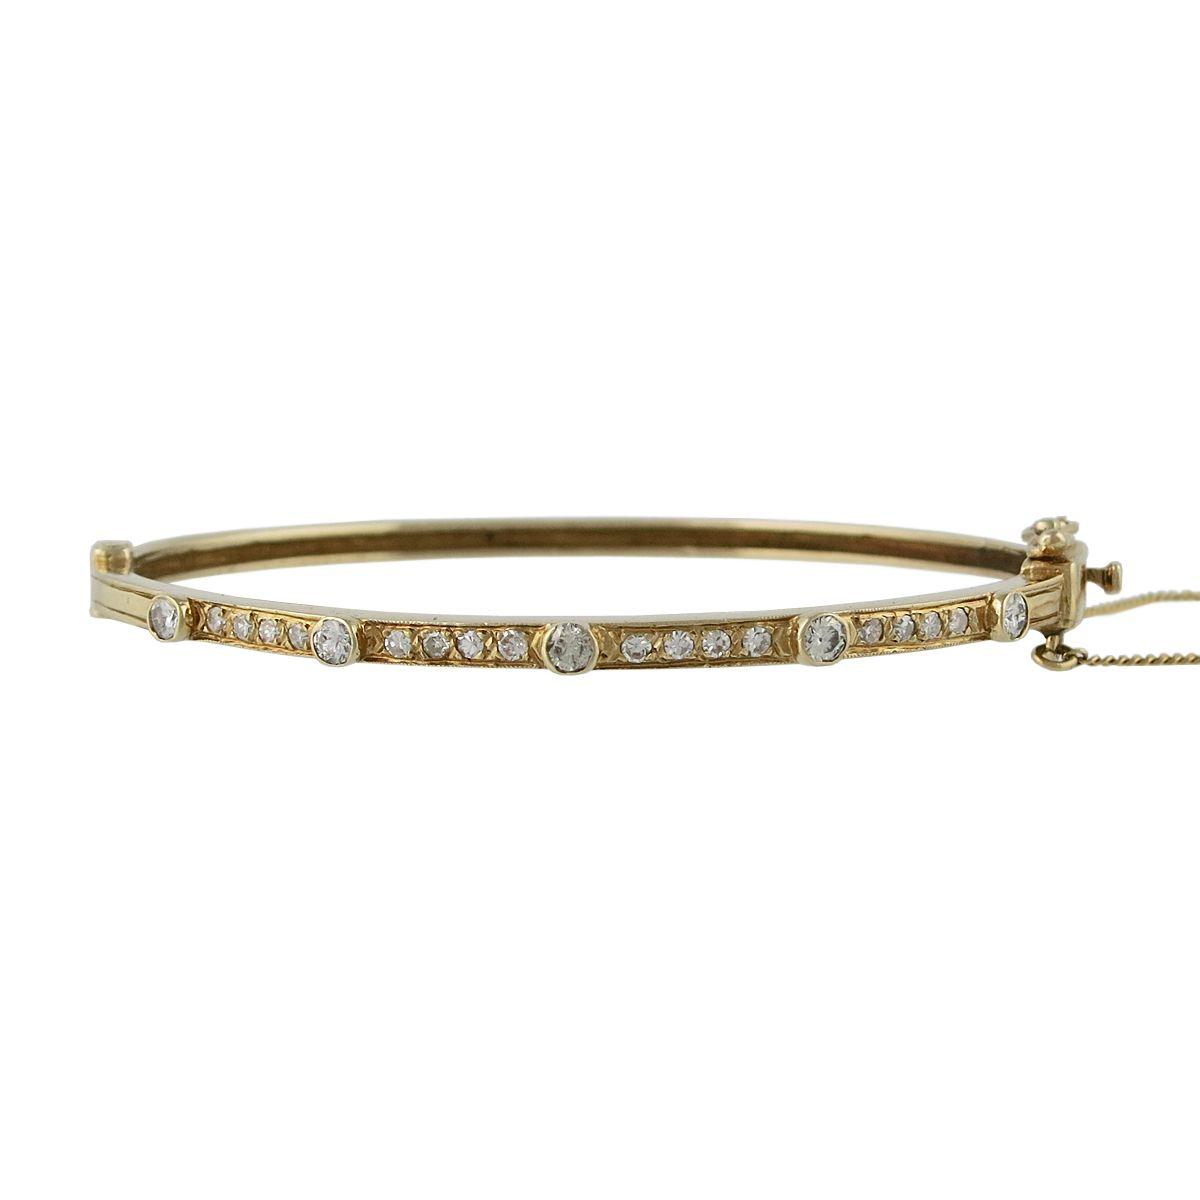 Vintage 14K Gold Diamond Bangle Bracelet, c. 1940s-1950s. $2700